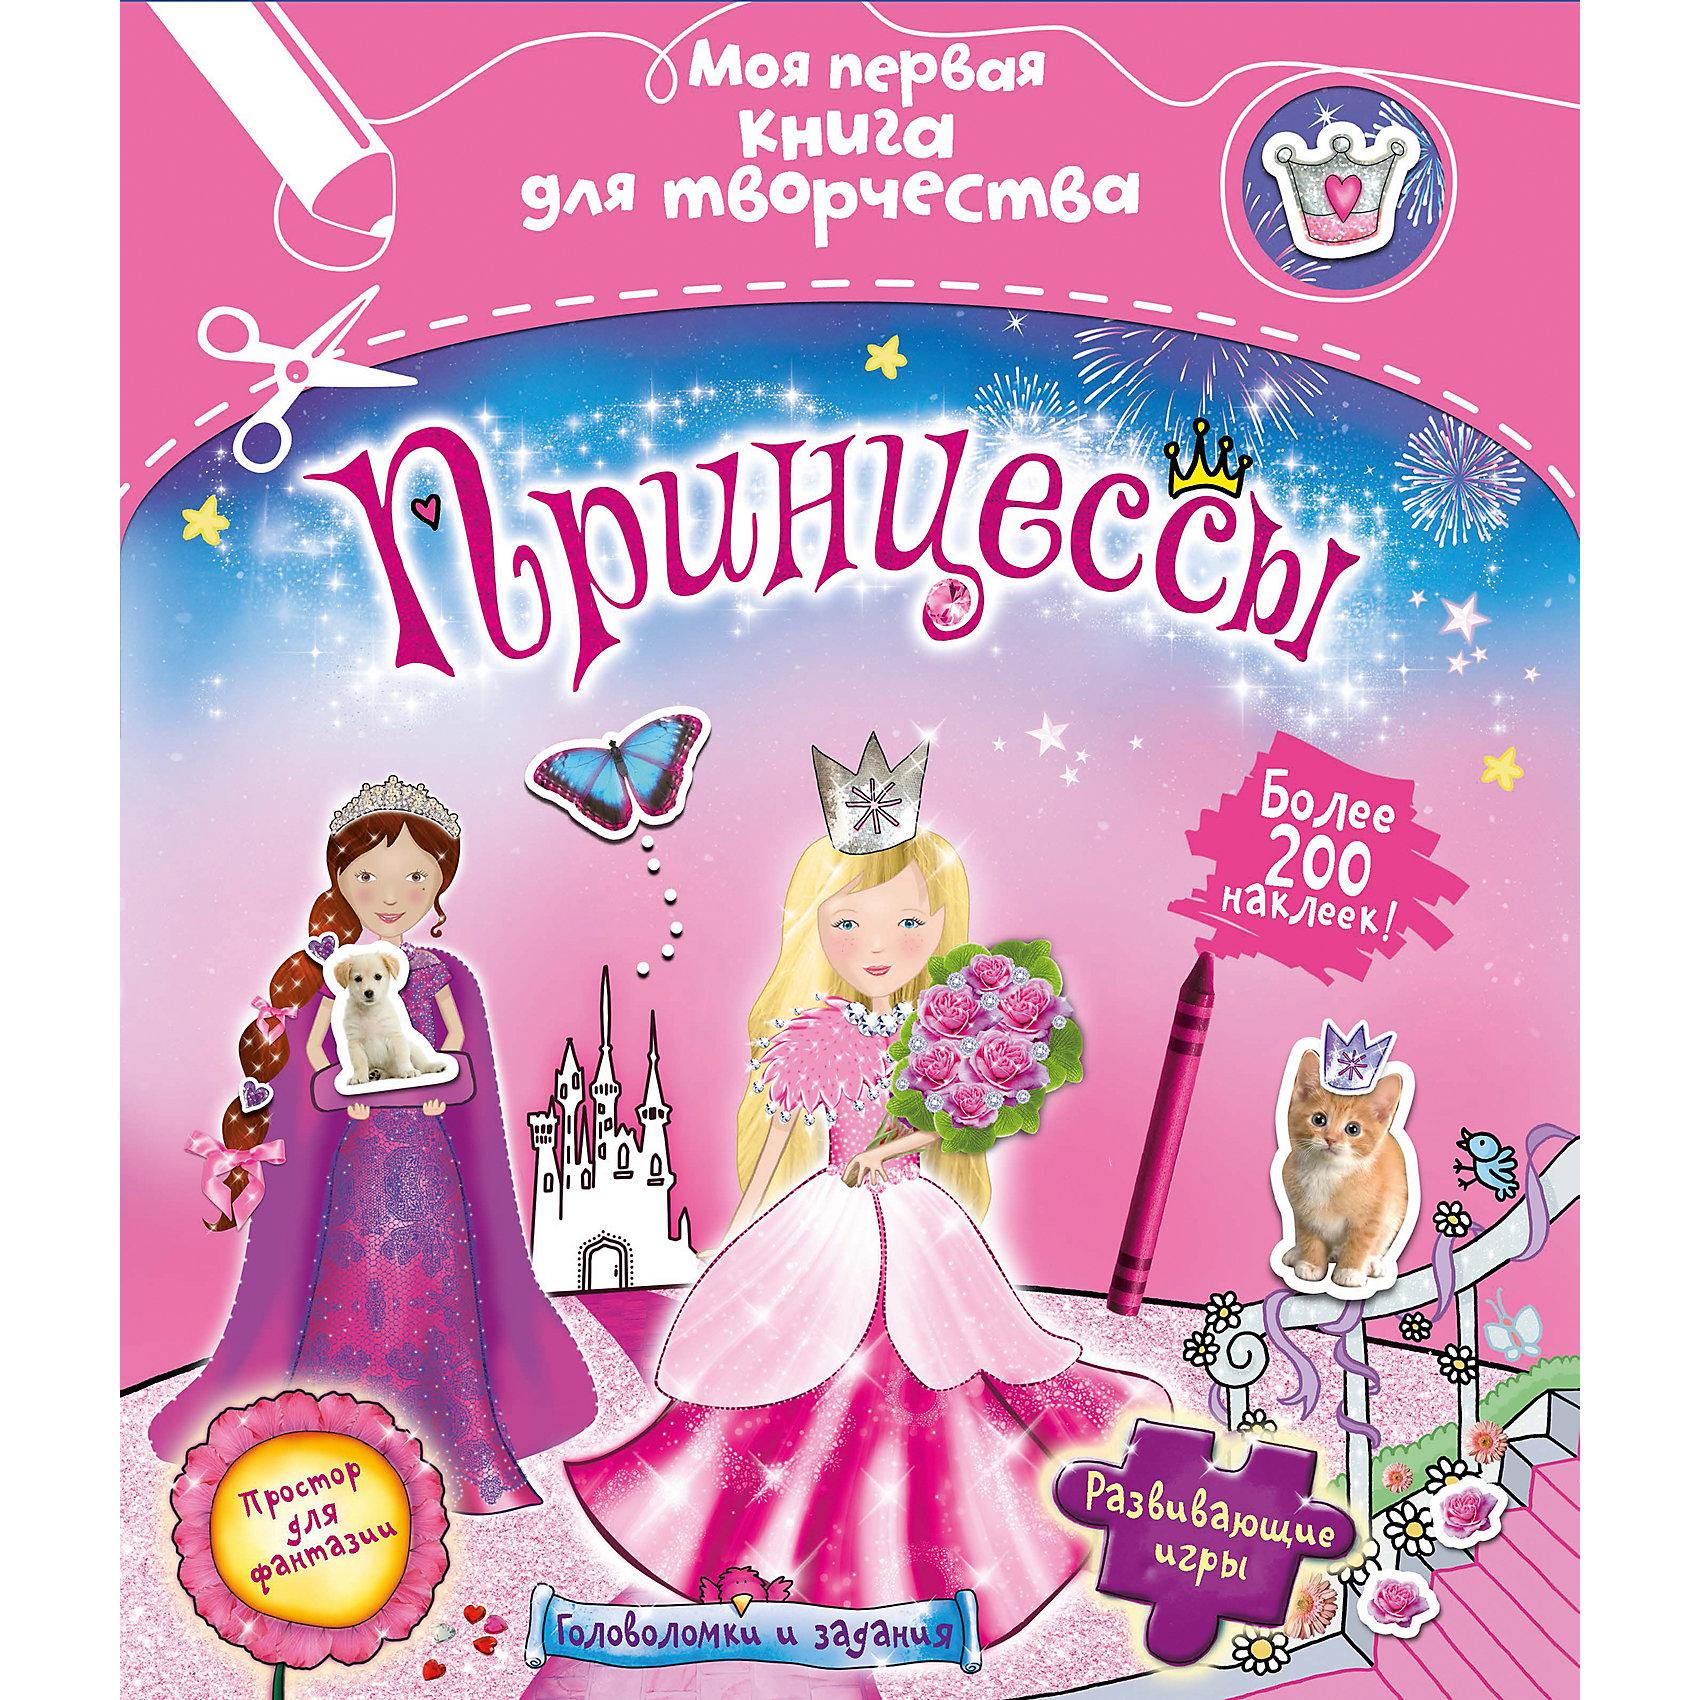 Первая книга для творчества Принцессы с наклейкамиС помощью этой книги ваш ребёнок окунётся в сказочный мир сверкающих диадем, прекрасных принцев и волшебства! Выполняя вместе с принцессами разнообразные задания на внимание, логику и сообразительность, юные читатели не только забудут о времени, но и разовьют в себе творческие способности и фантазию! <br>Удачи!<br><br>Скорее берите карандаши – вас ждут на балу у принцессы. Будет весело!<br><br>Вас жду т королевские сокровища:<br>Много наклеек, <br>Картинки-панорамы,<br>Игры- головоломки<br><br>Дополнительная информация:<br><br>Автор: Фиона Манро<br>Иллюстратор: Джессика Бредли<br>Переводчик: Наталия Бирюкова<br>Формат: 230x270 мм .<br>Объем: 56 стр.<br><br>Книгу с наклейками Принцессы  можно купить в нашем магазине.<br><br>Ширина мм: 270<br>Глубина мм: 216<br>Высота мм: 15<br>Вес г: 365<br>Возраст от месяцев: 12<br>Возраст до месяцев: 36<br>Пол: Женский<br>Возраст: Детский<br>SKU: 4354927